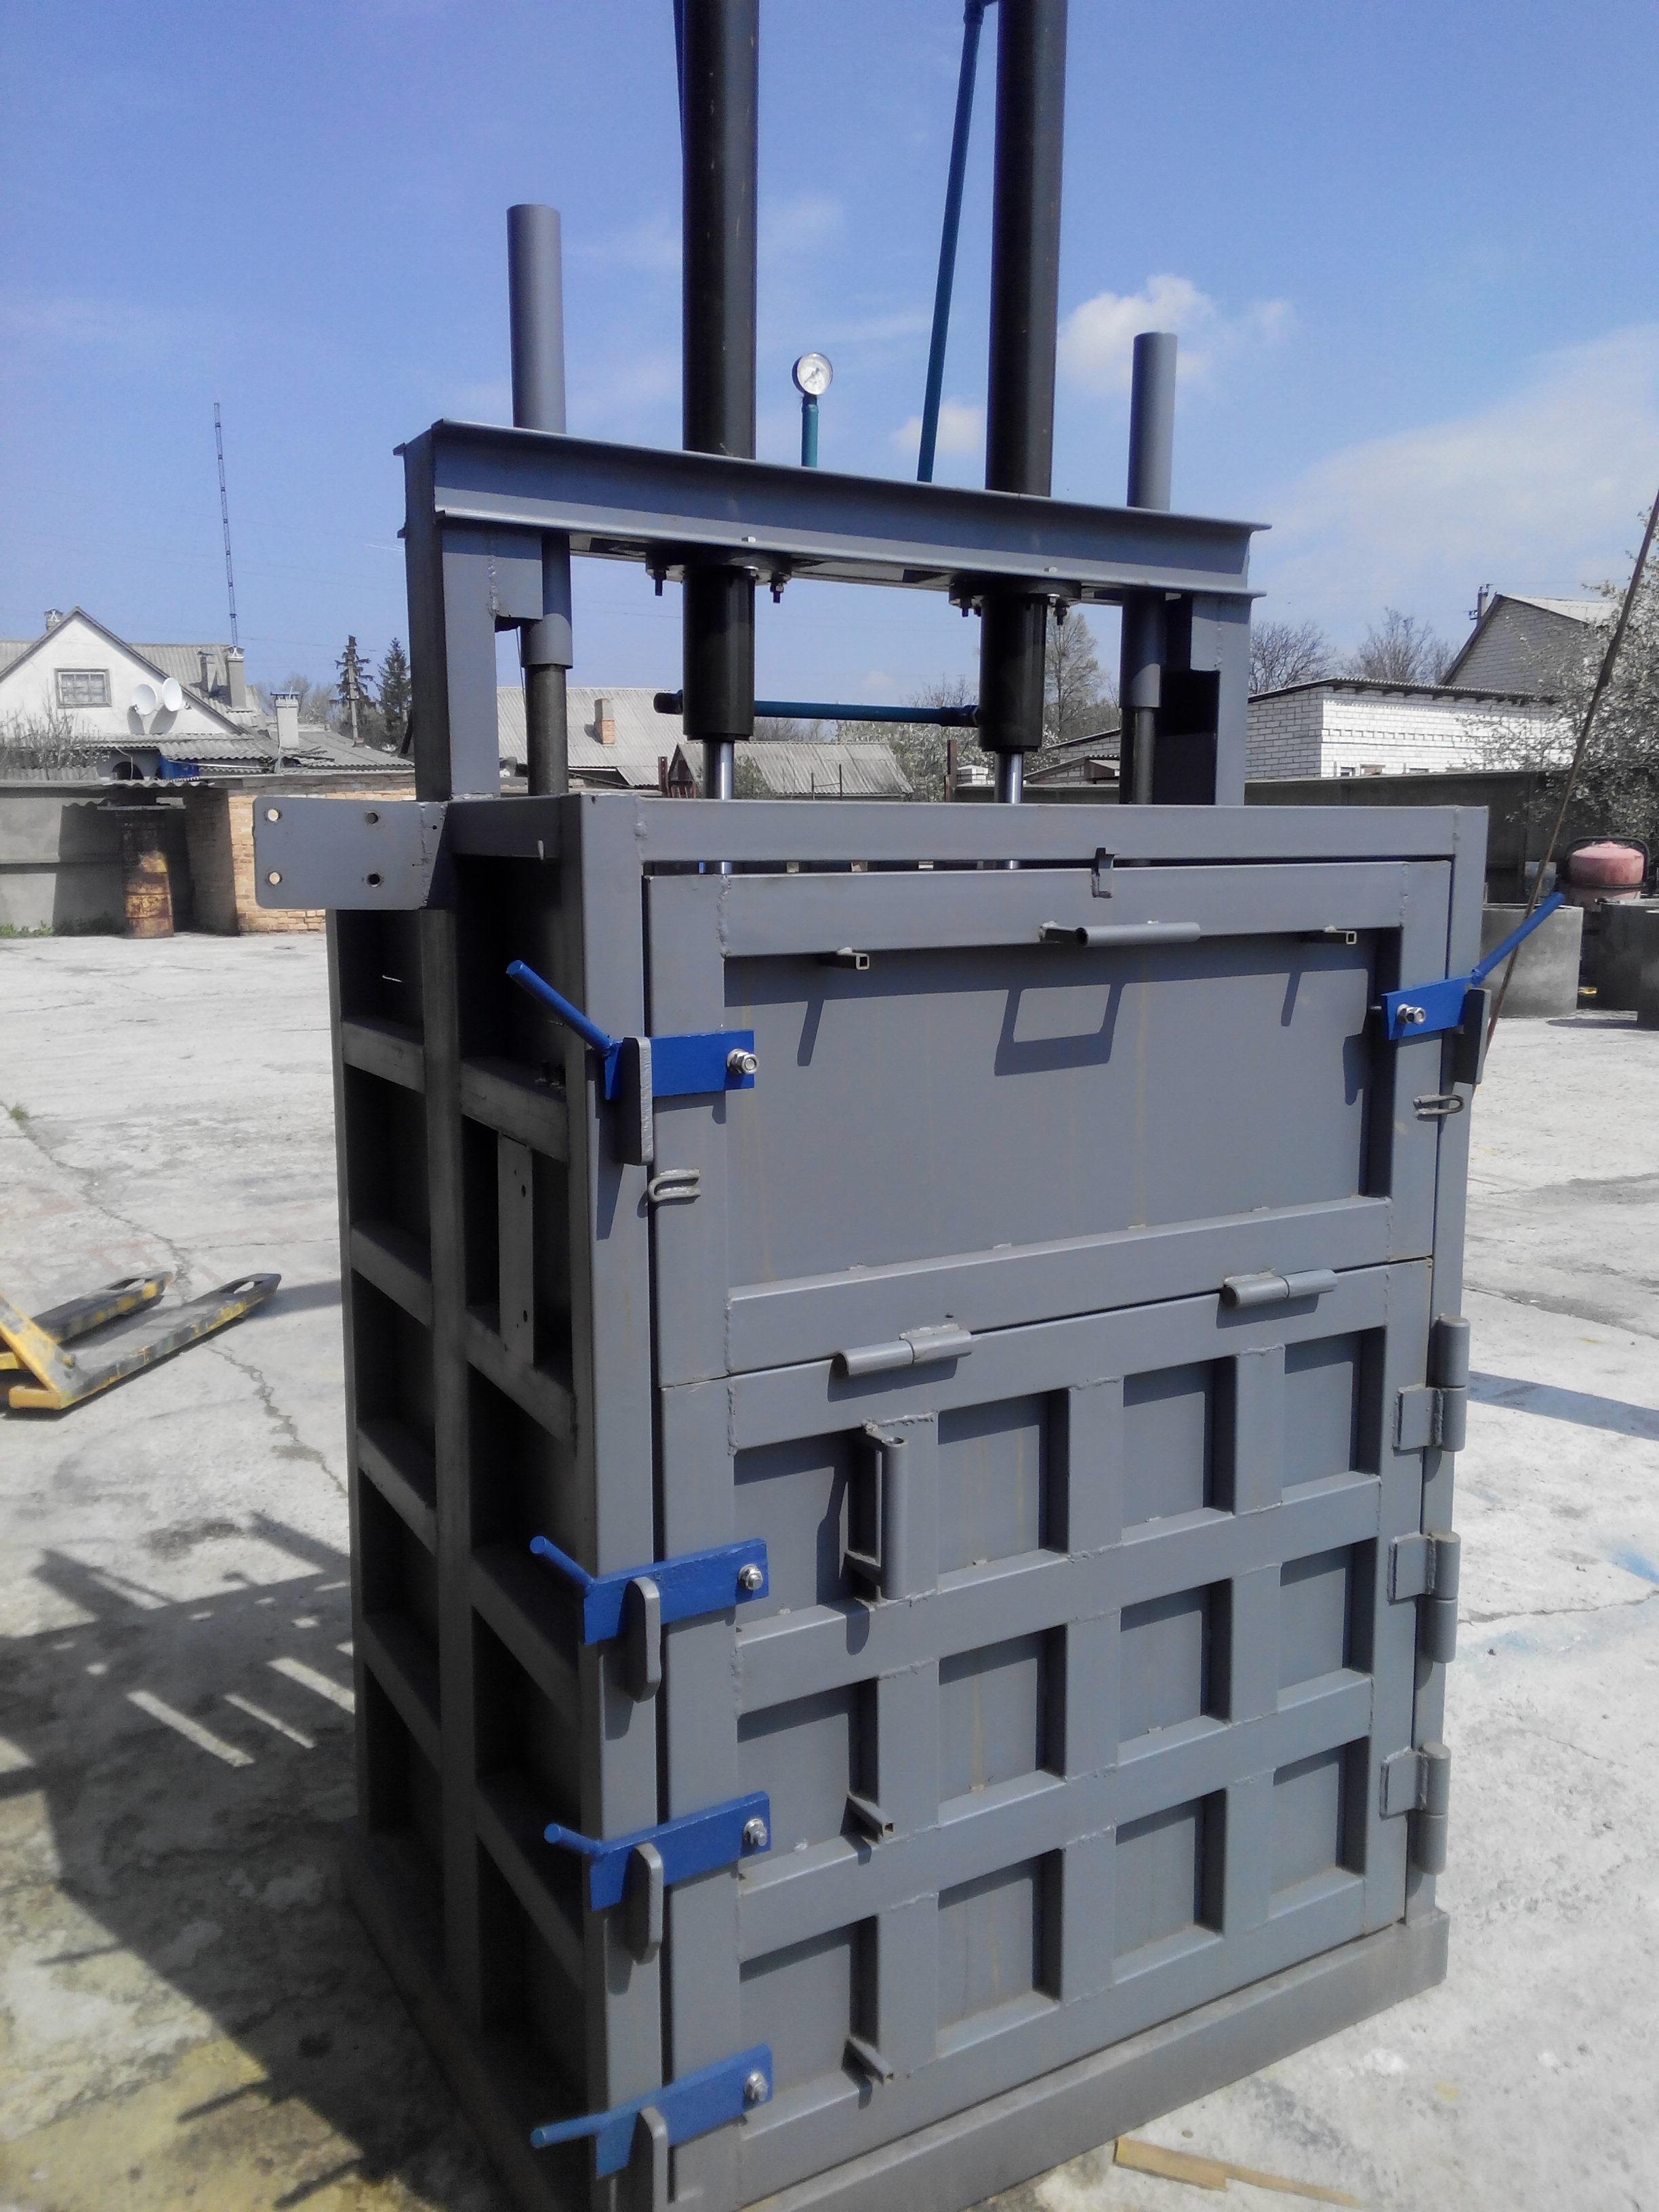 Пресс для промышленных отходов ПДО-2Ц (2 цилиндра), зображення 1